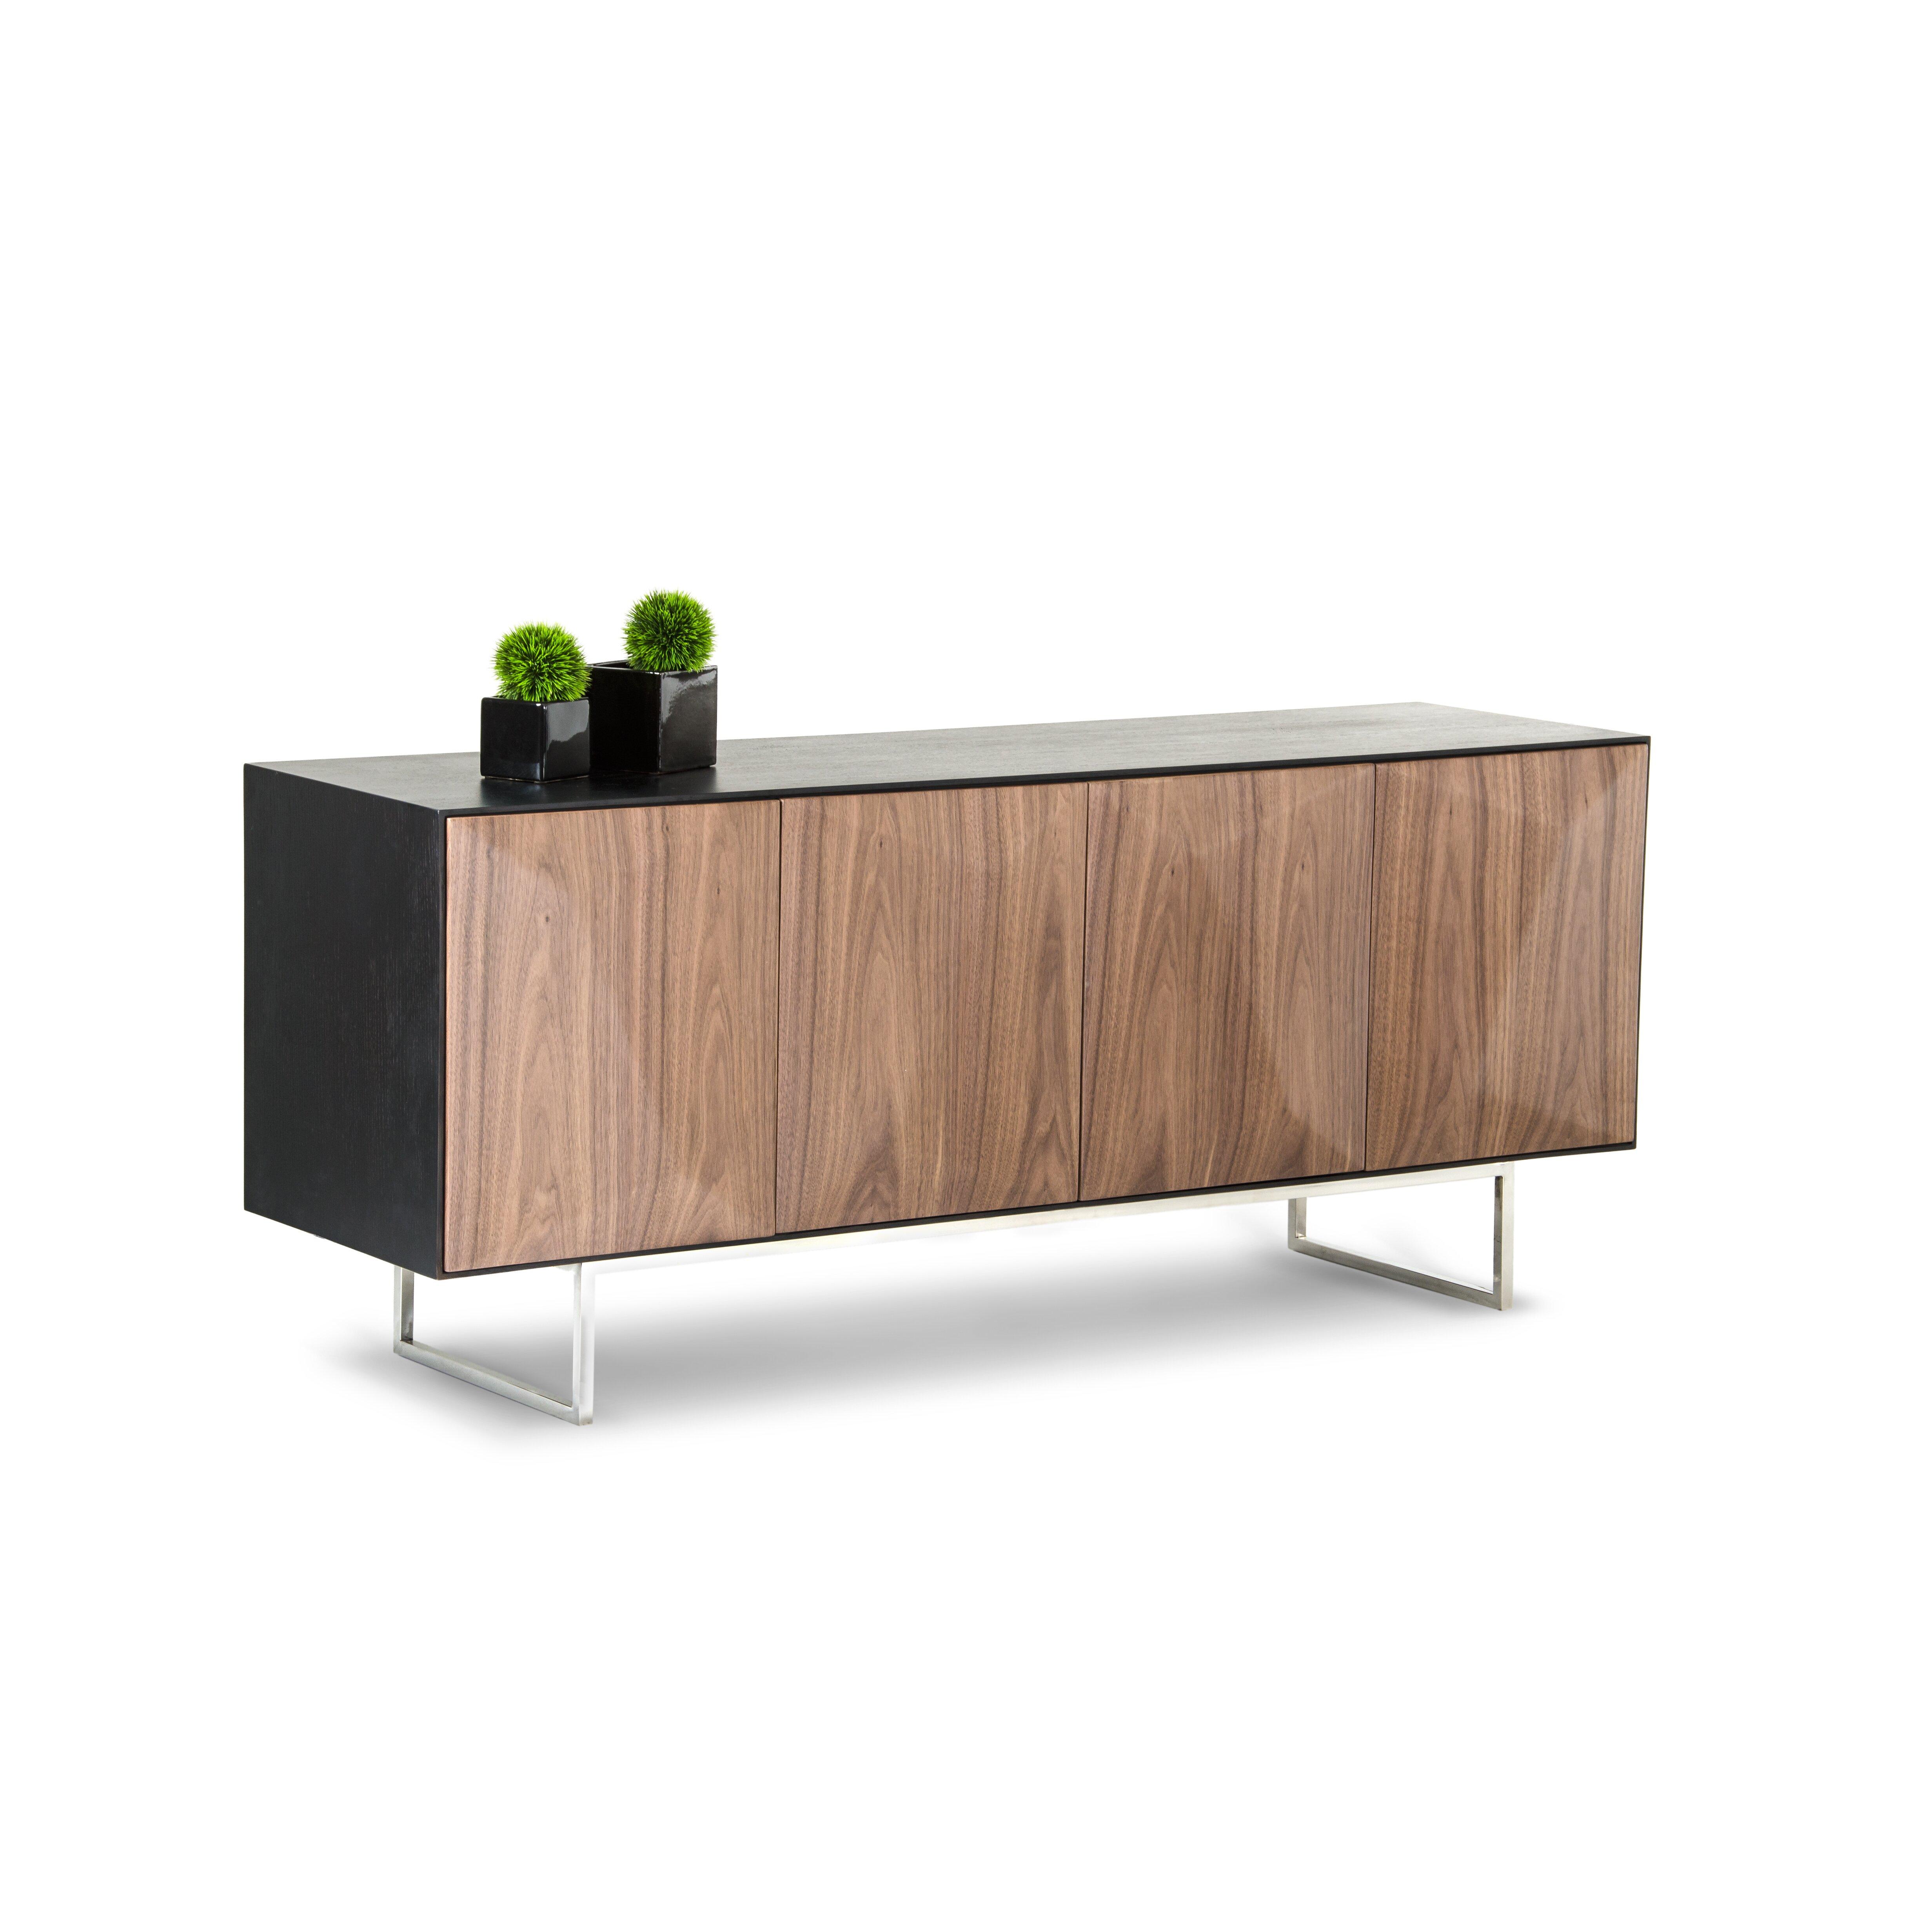 Vig Furniture Modrest Vanguard Buffet Reviews Wayfair